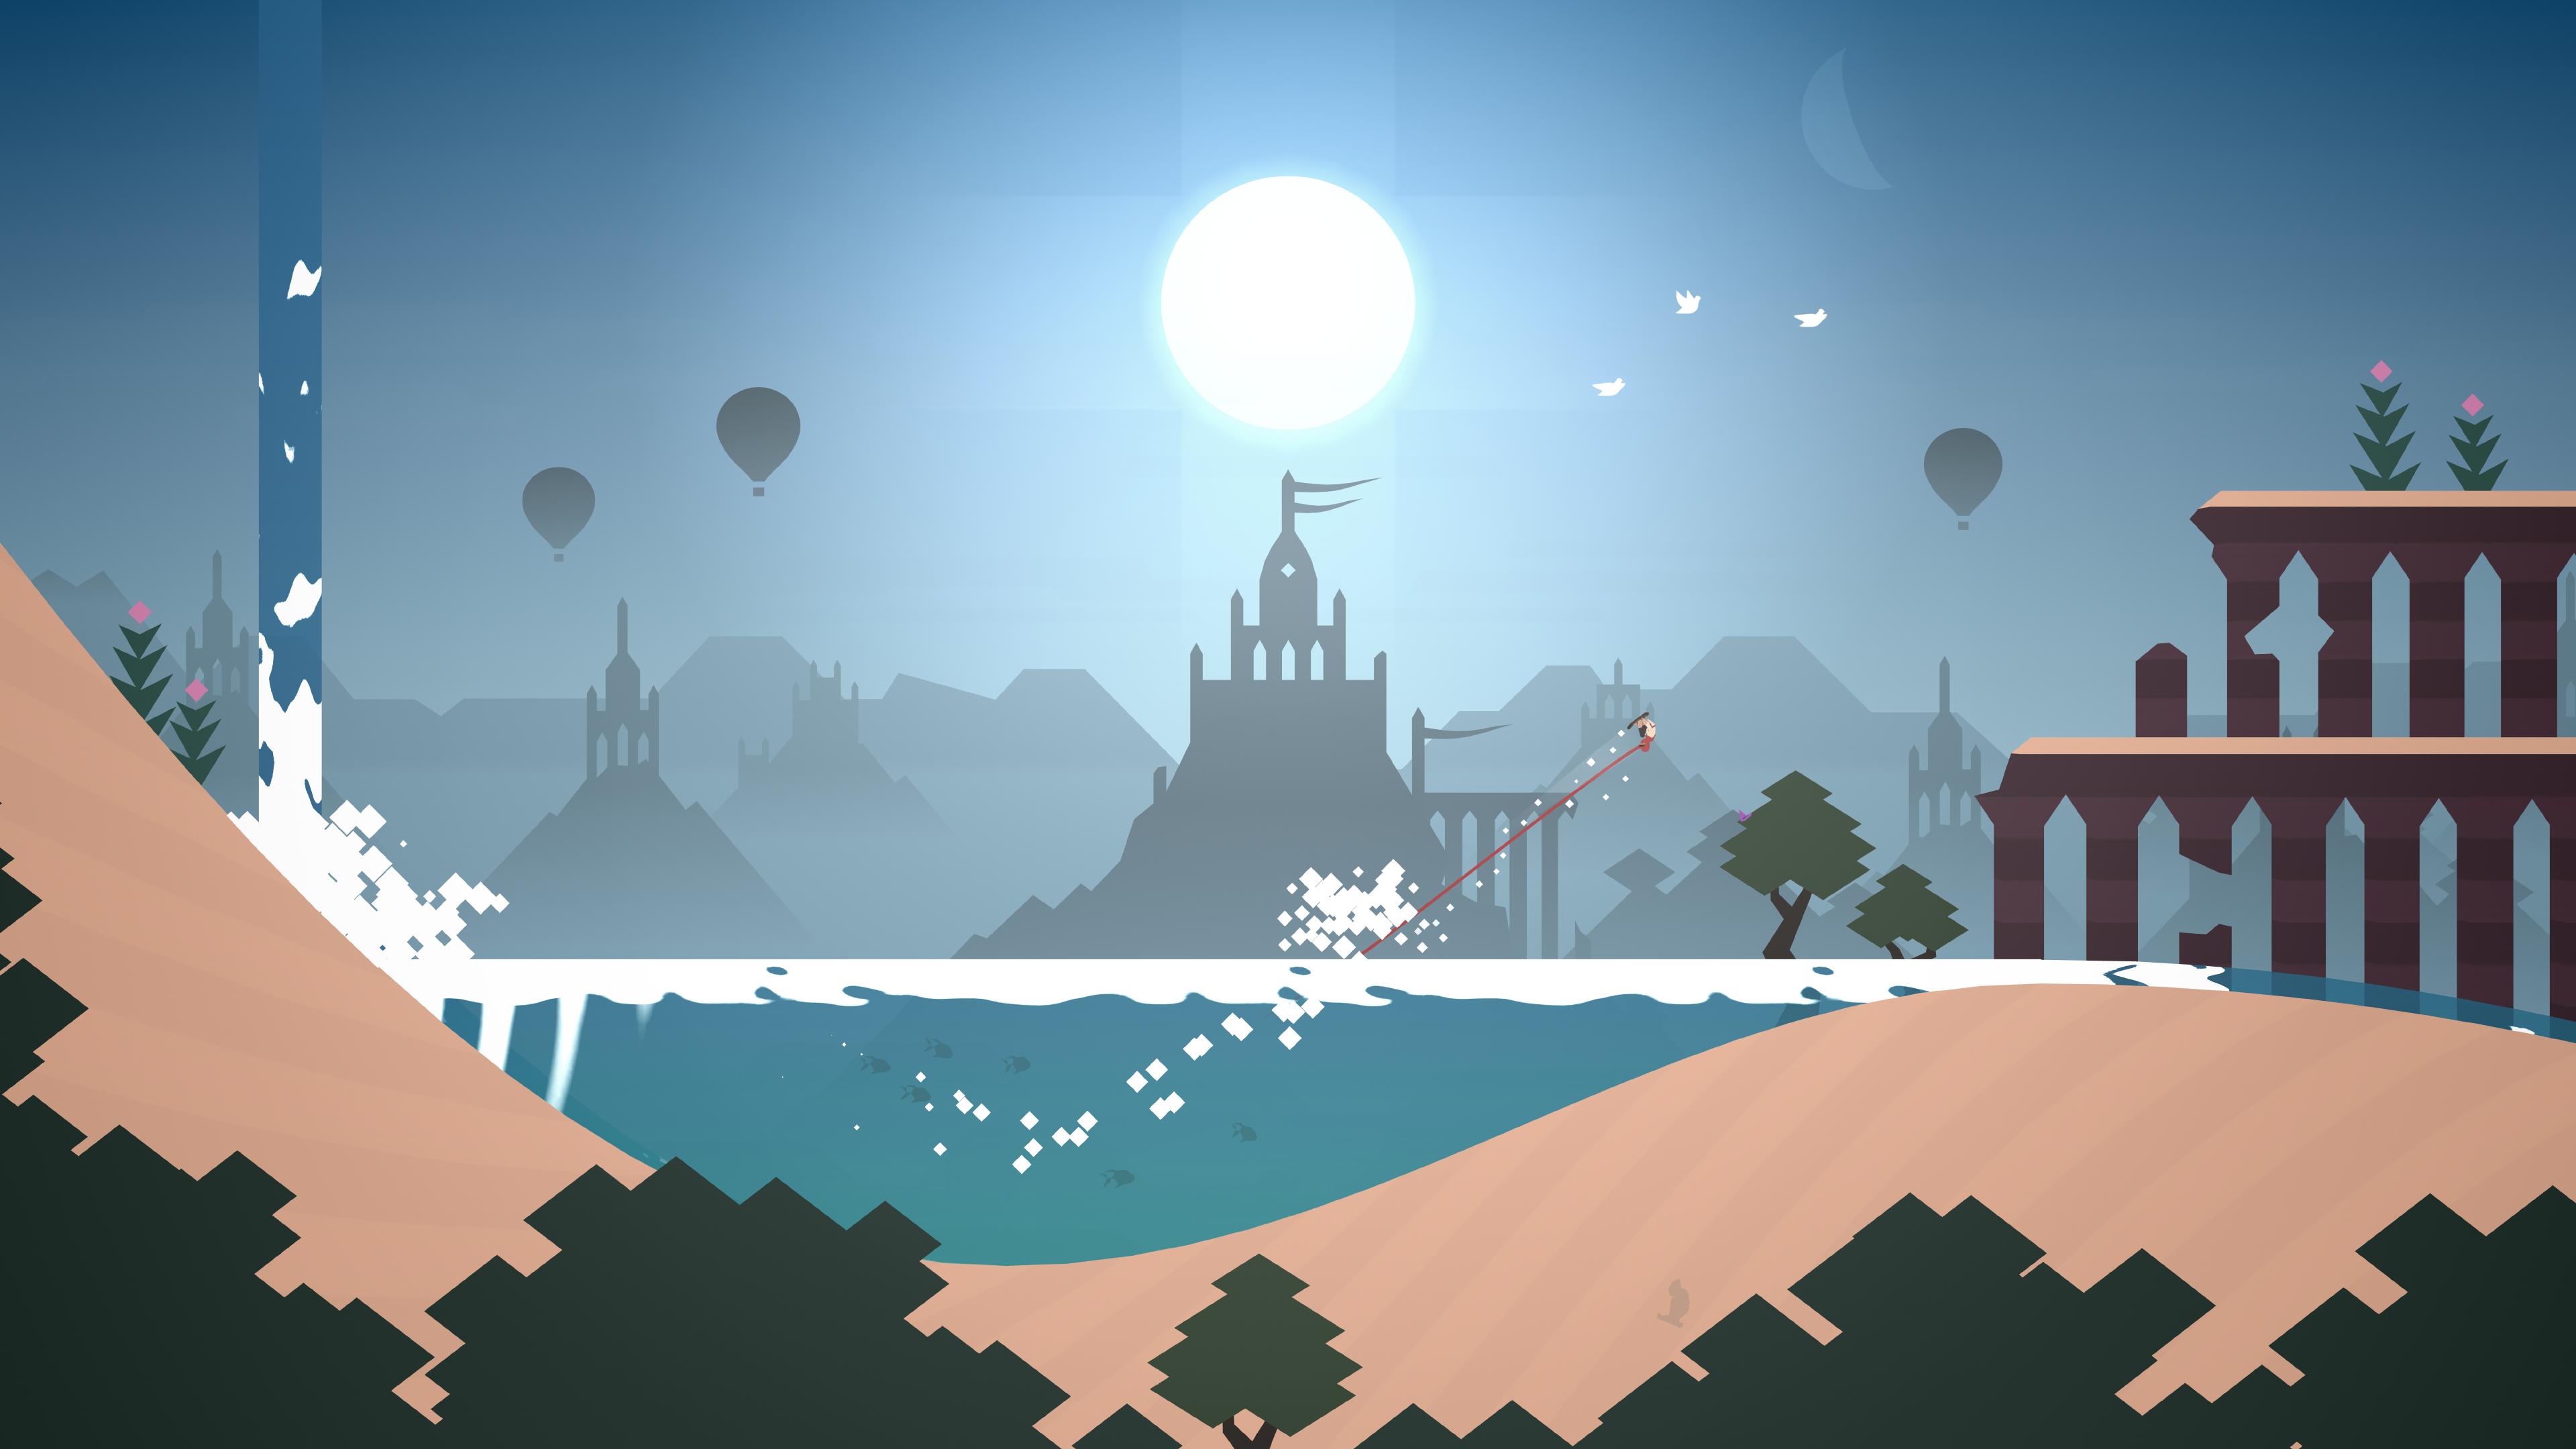 Alto's Odyssey screenshot 15